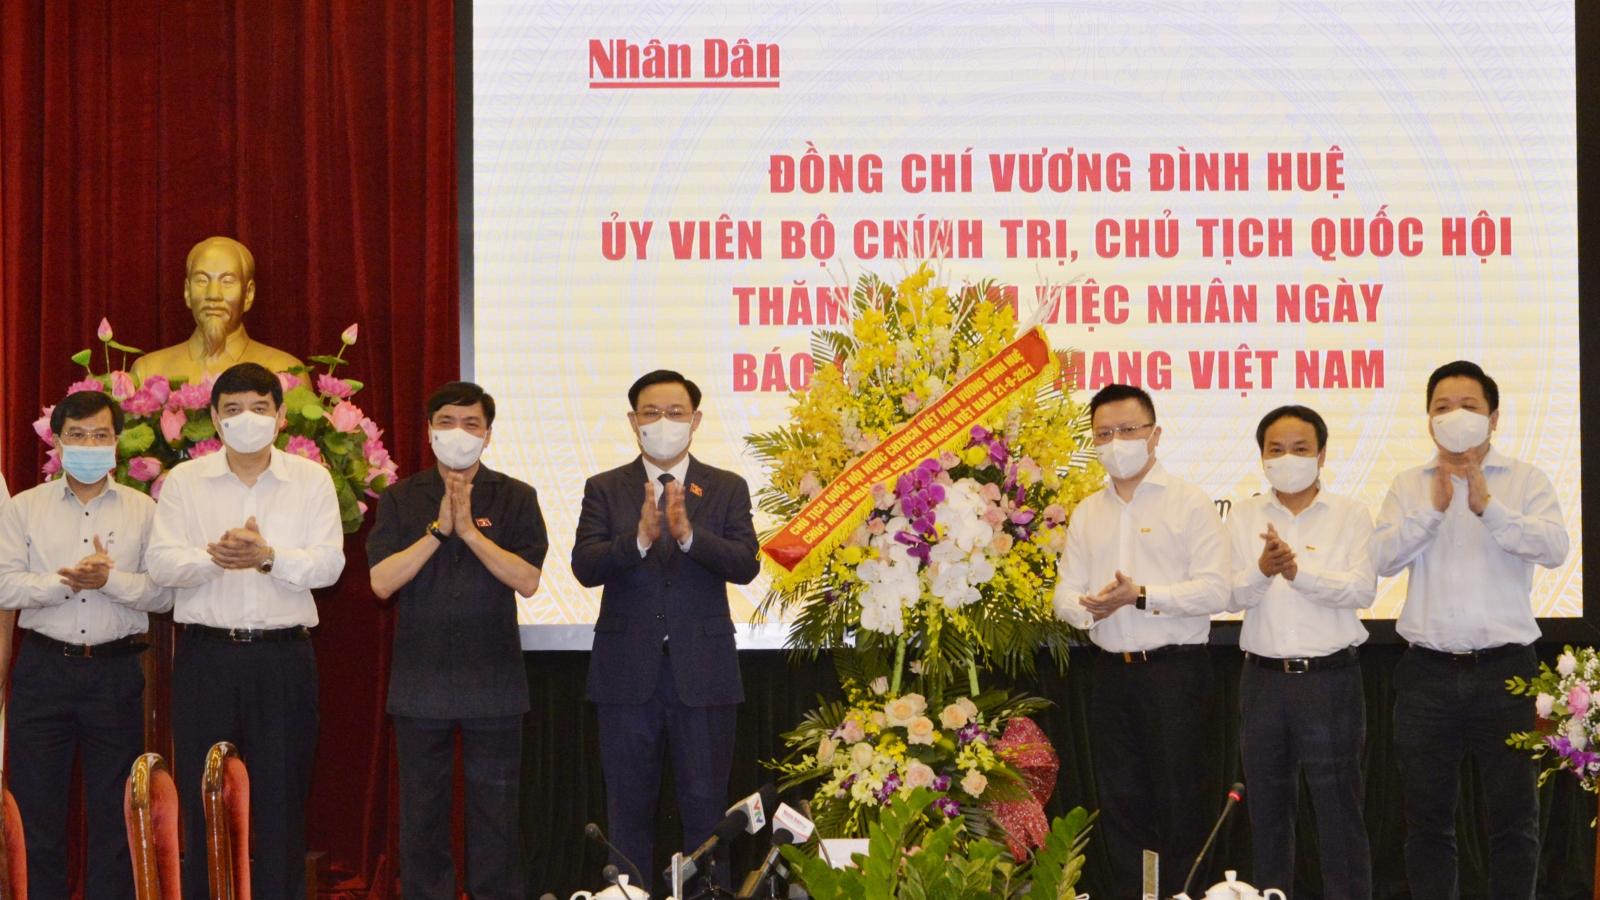 Chủ tịch Quốc hội Vương Đình Huệ: Báo chí là cầu nối hữu hiệu giữa Quốc hội với cử tri